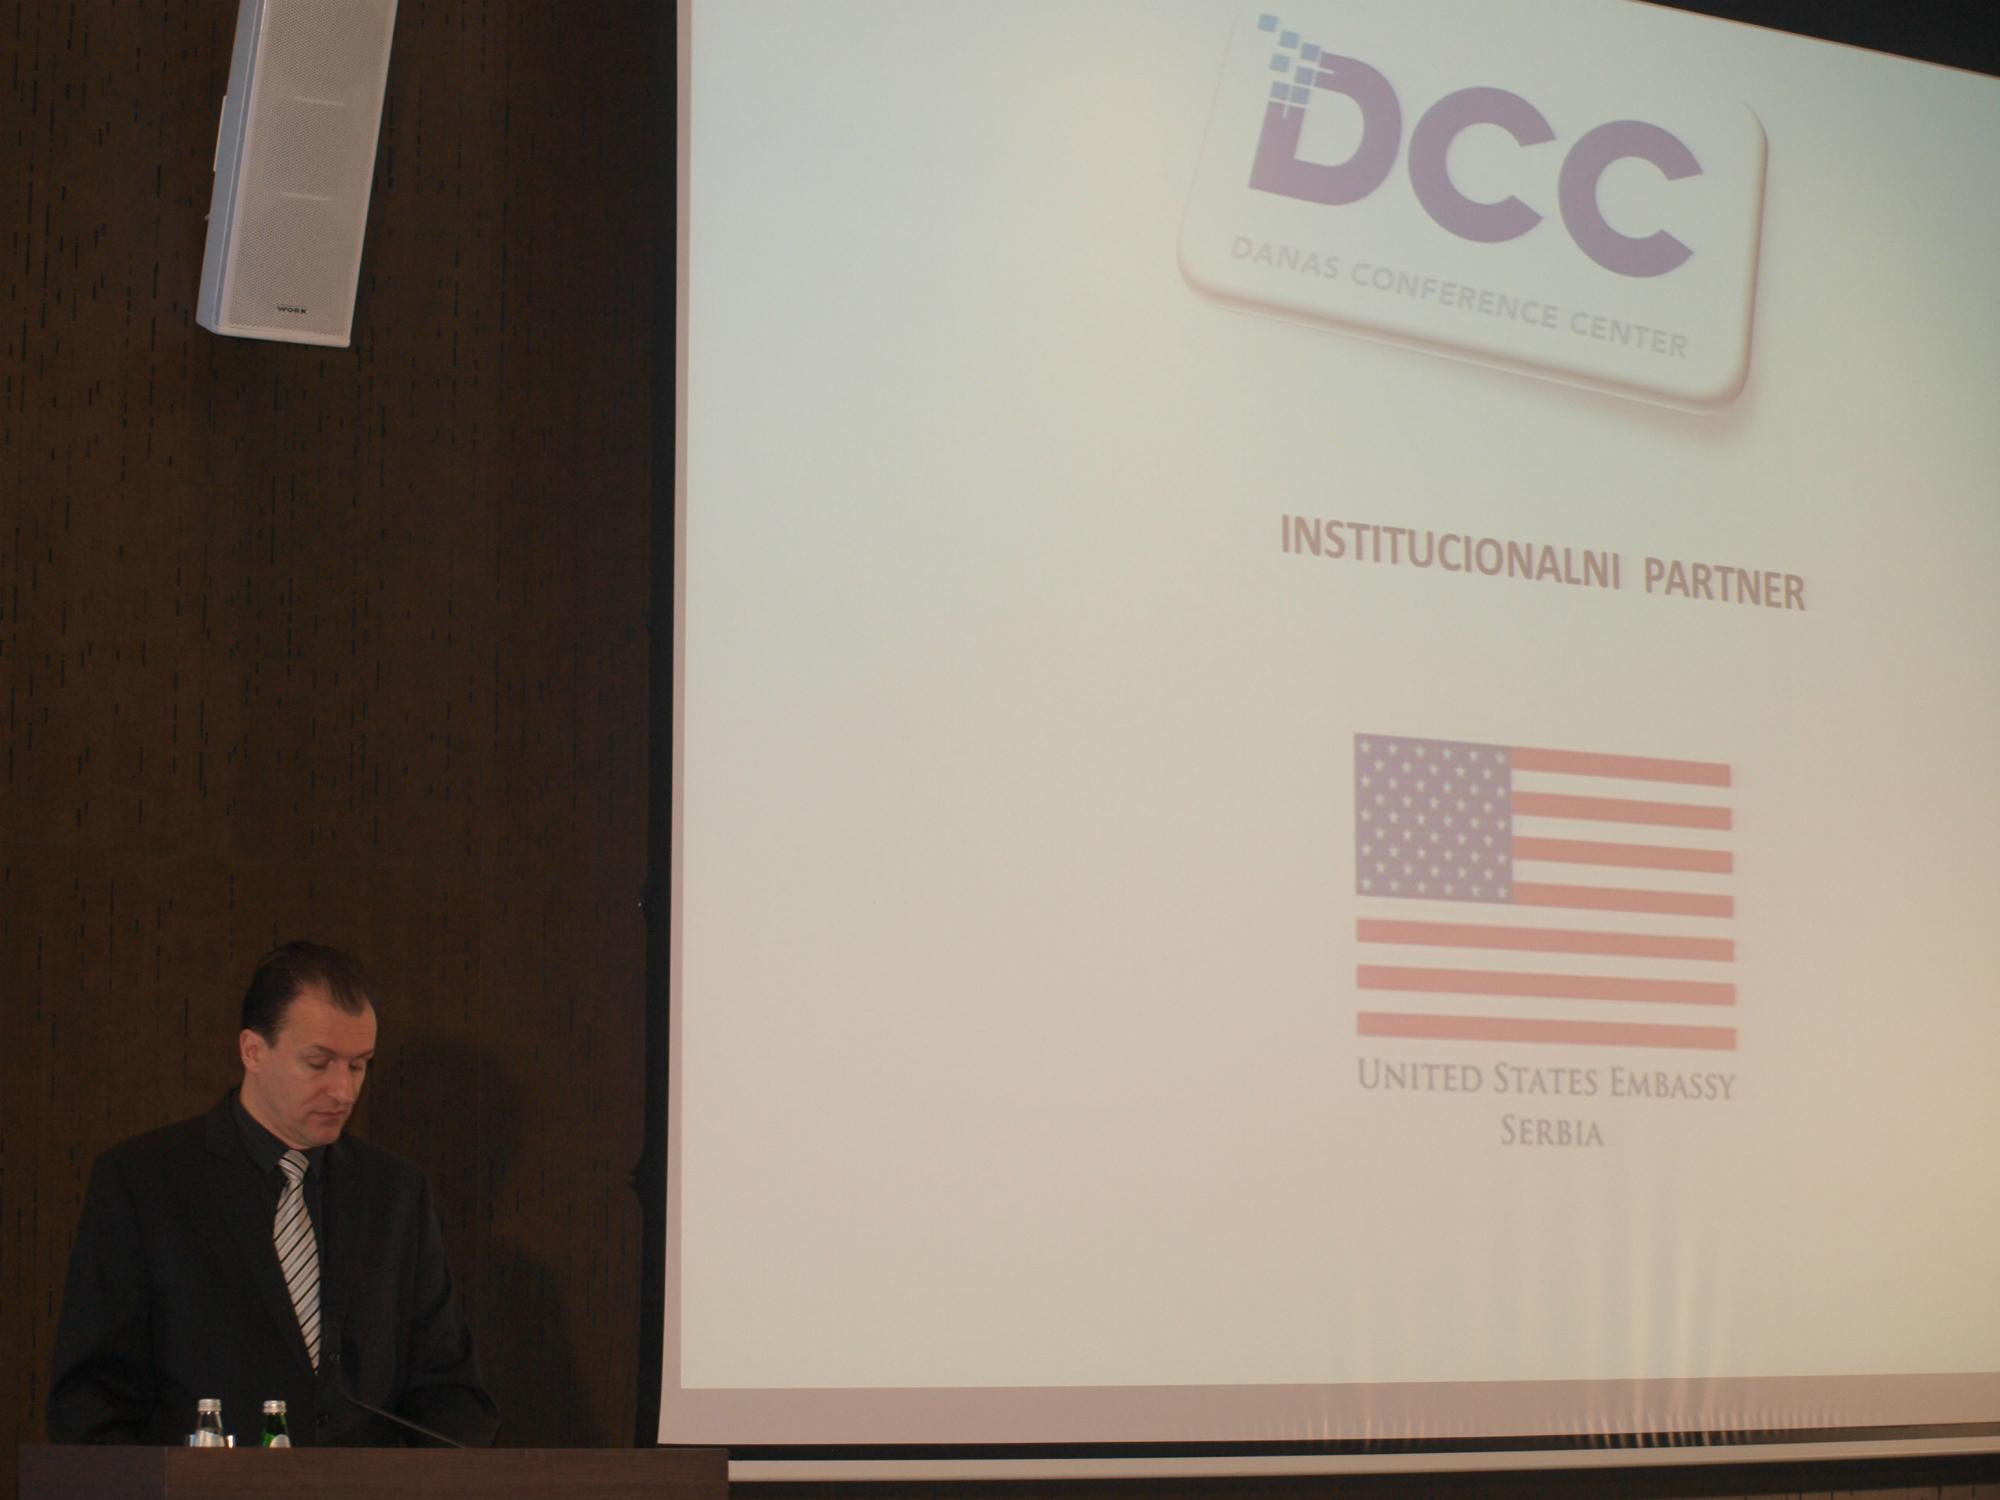 Nastavak uspešne saradnje Ambasade SAD i Danas konferens centra